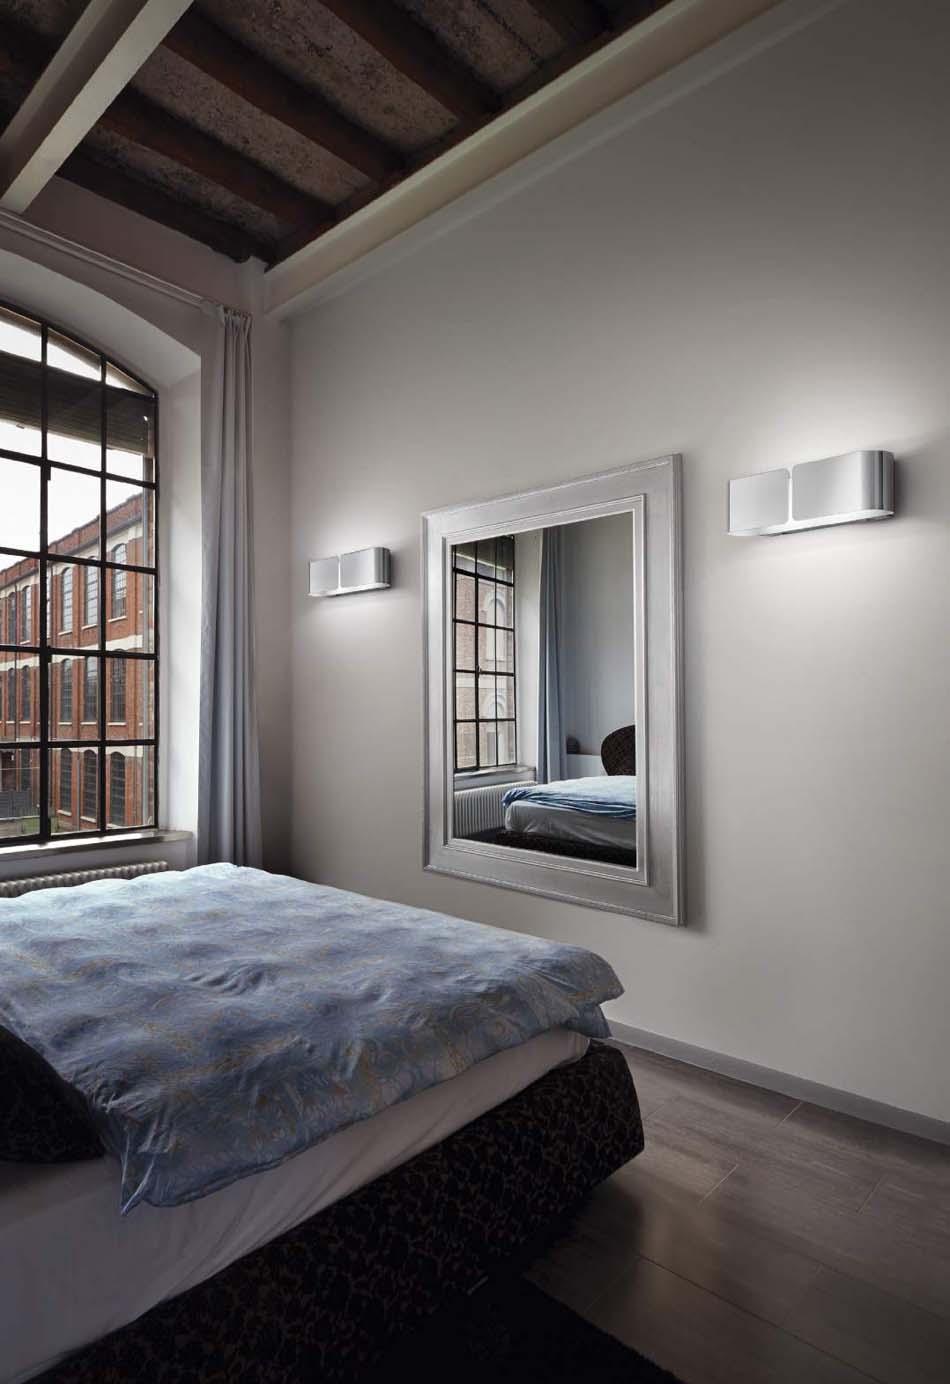 Lampade 23 soffitto parete Ideal Lux Clip – Toscana Arredamenti